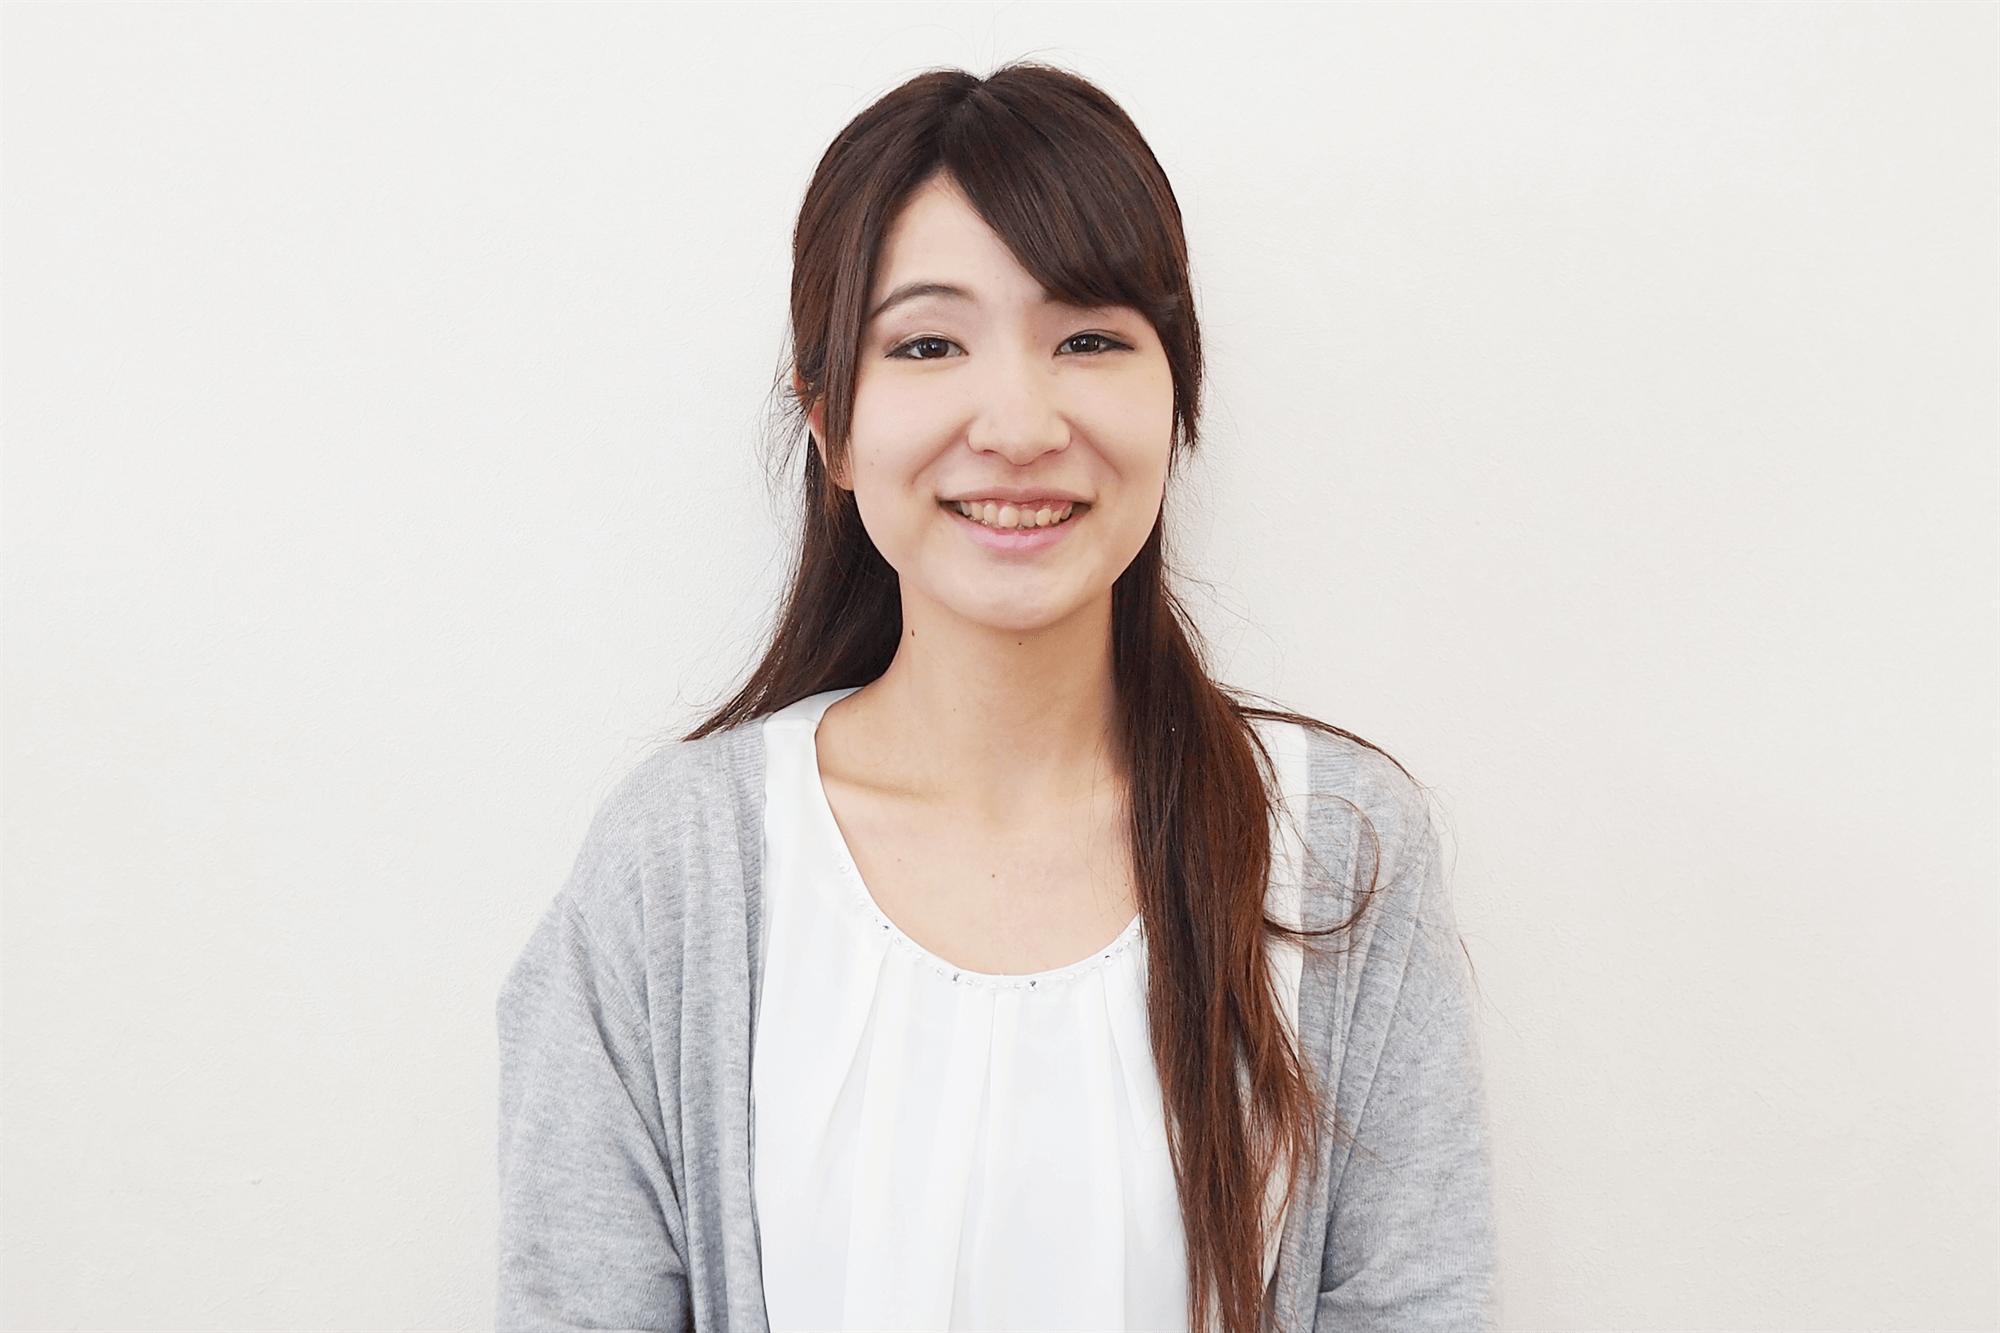 CG パースデザイナー 木戸紗佑未